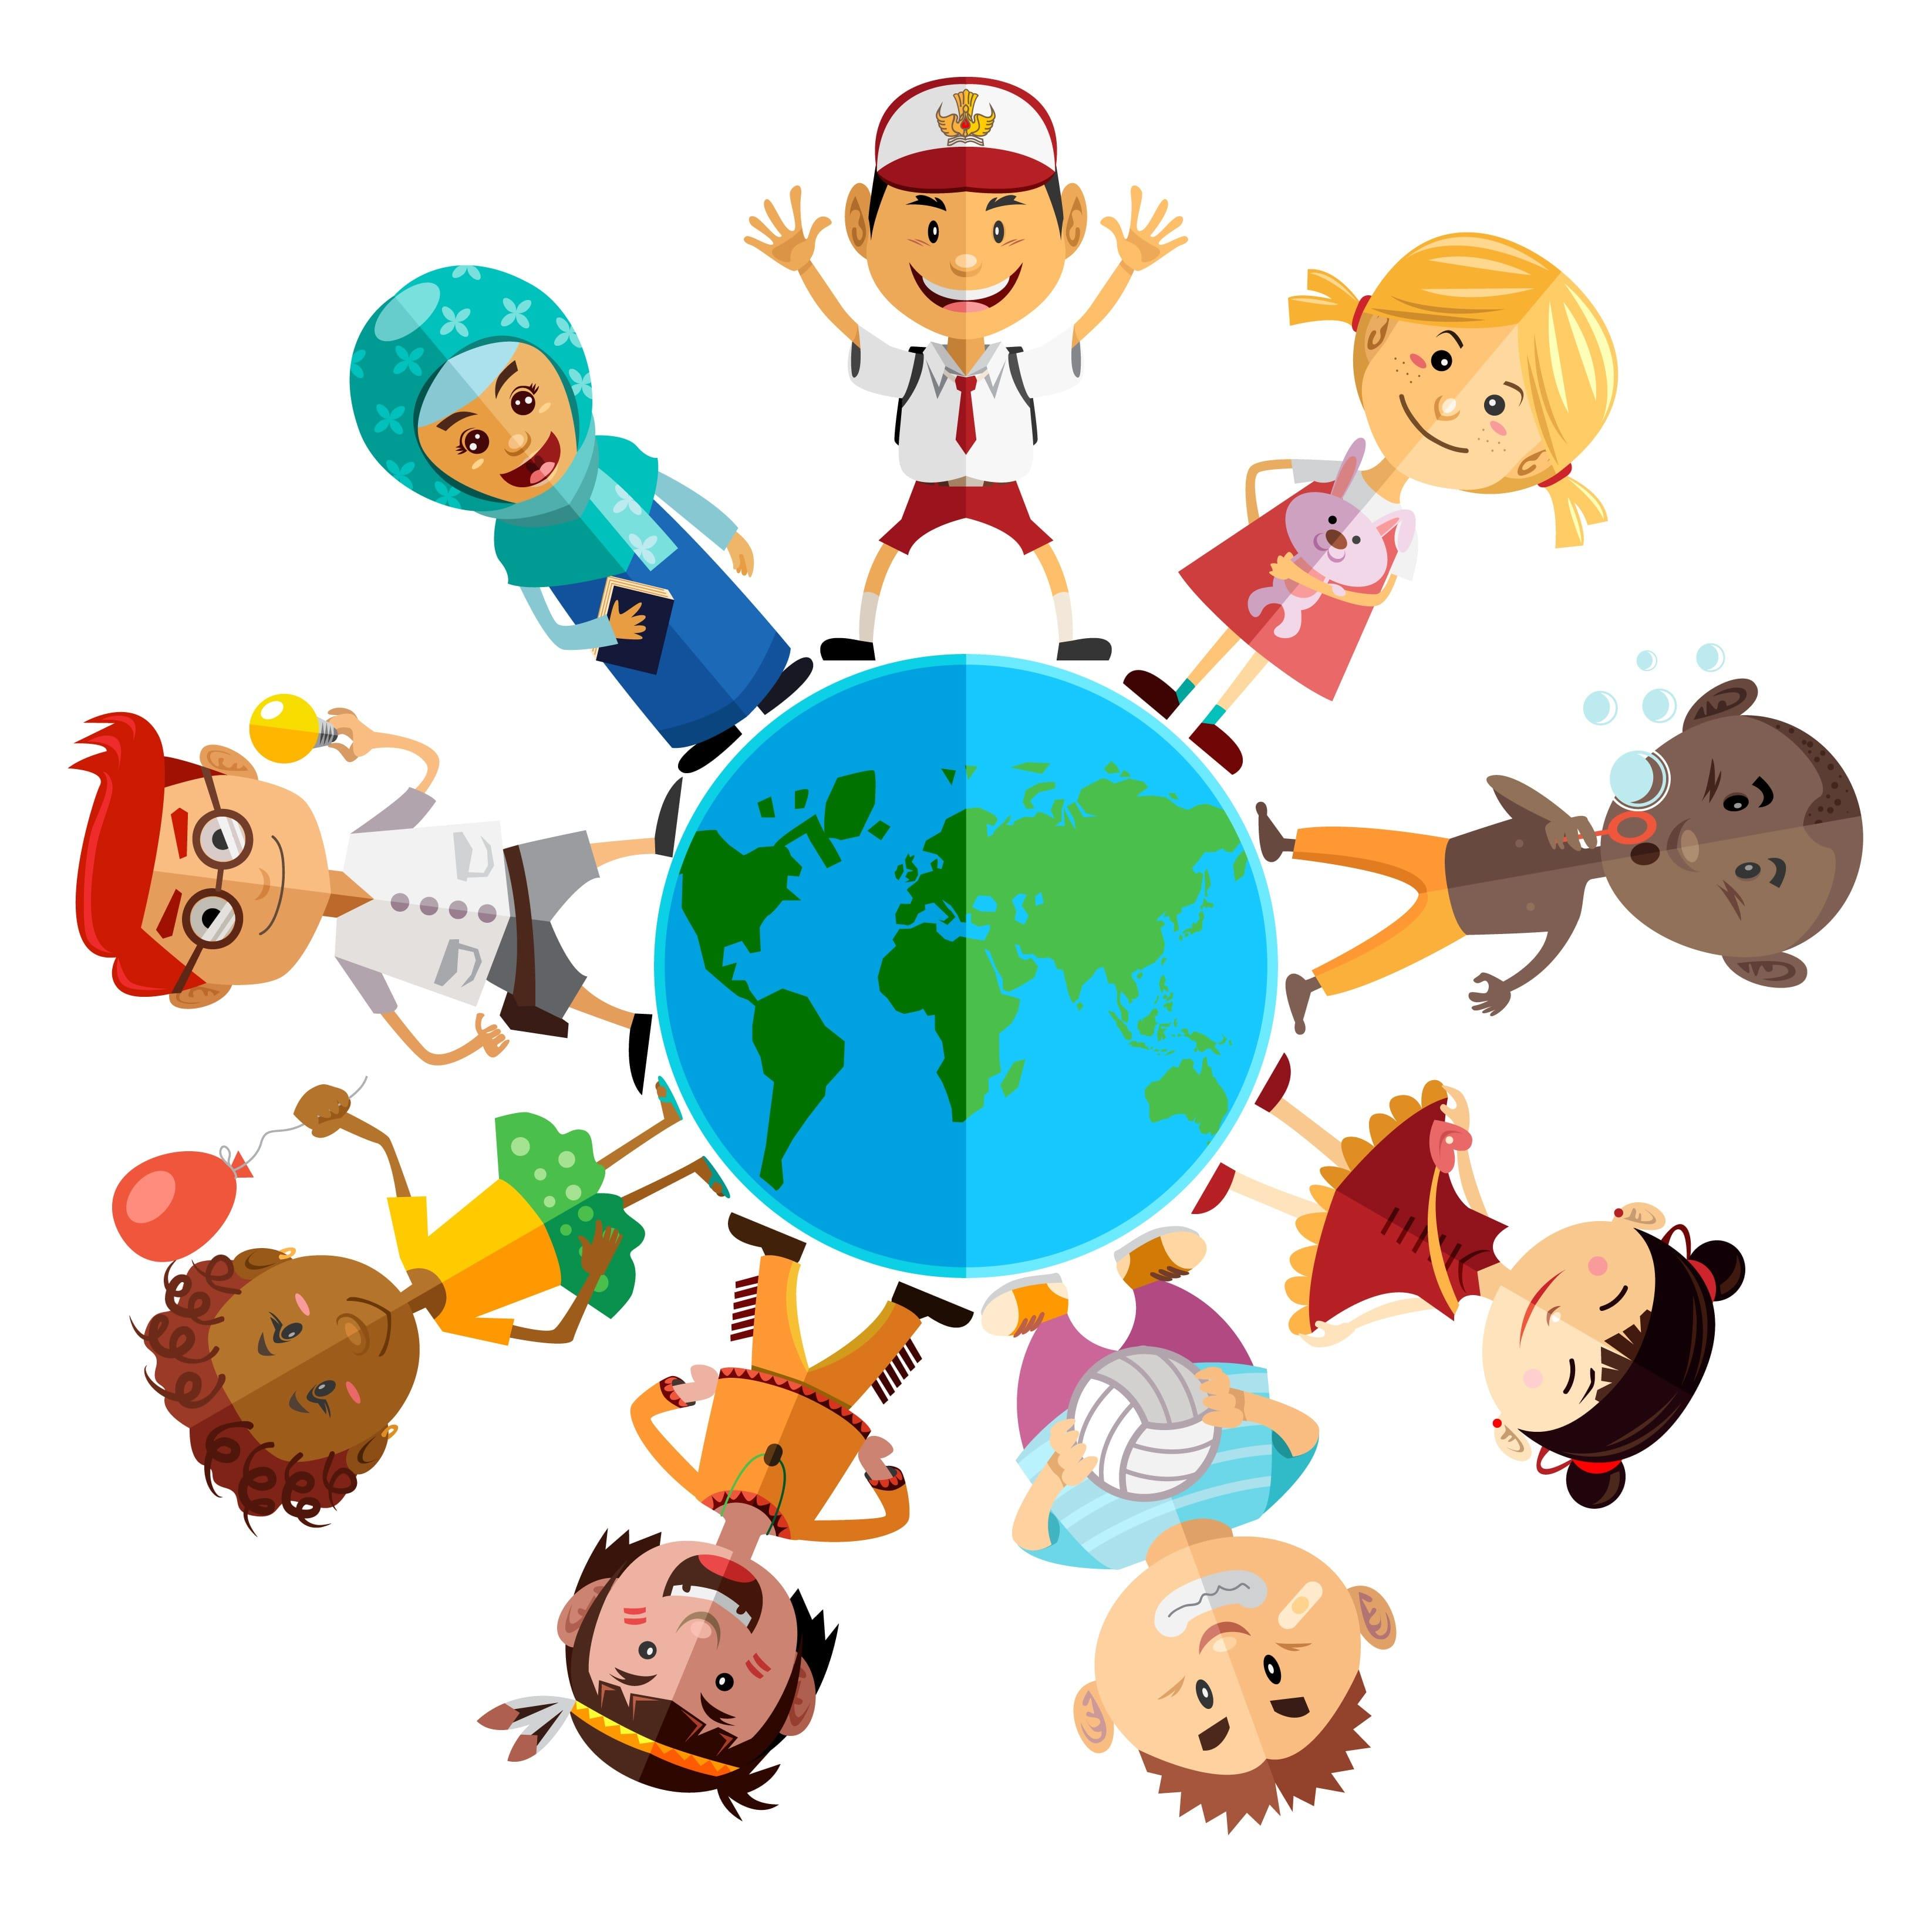 Giornata diritti dei bambini 2015 - Non sprecare